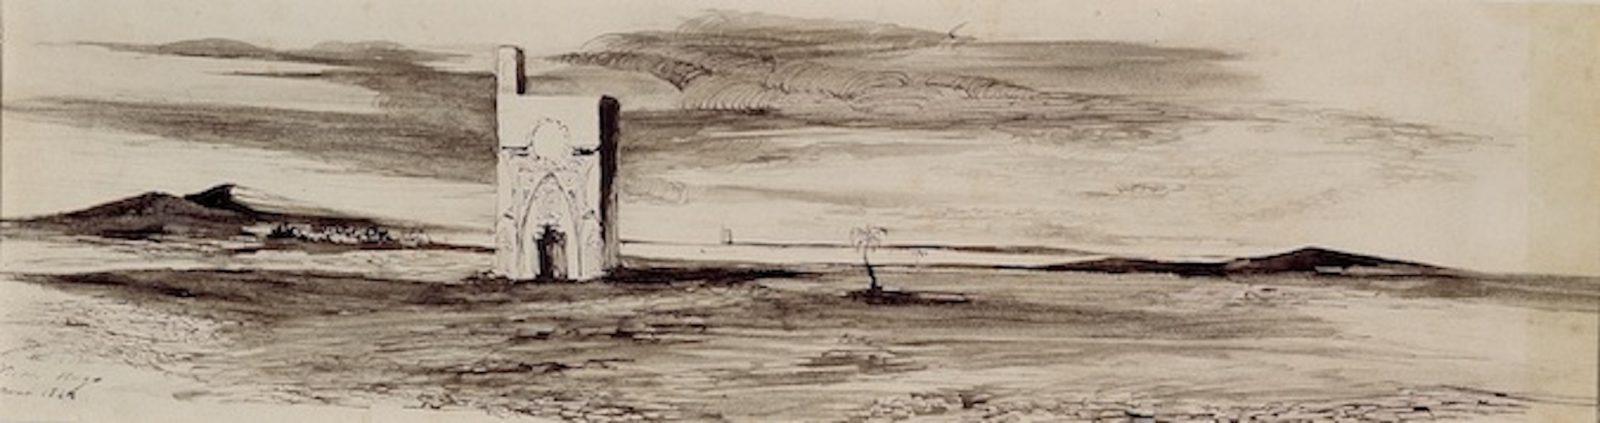 Paysage à la tour carré, dessin de Victor Hugo